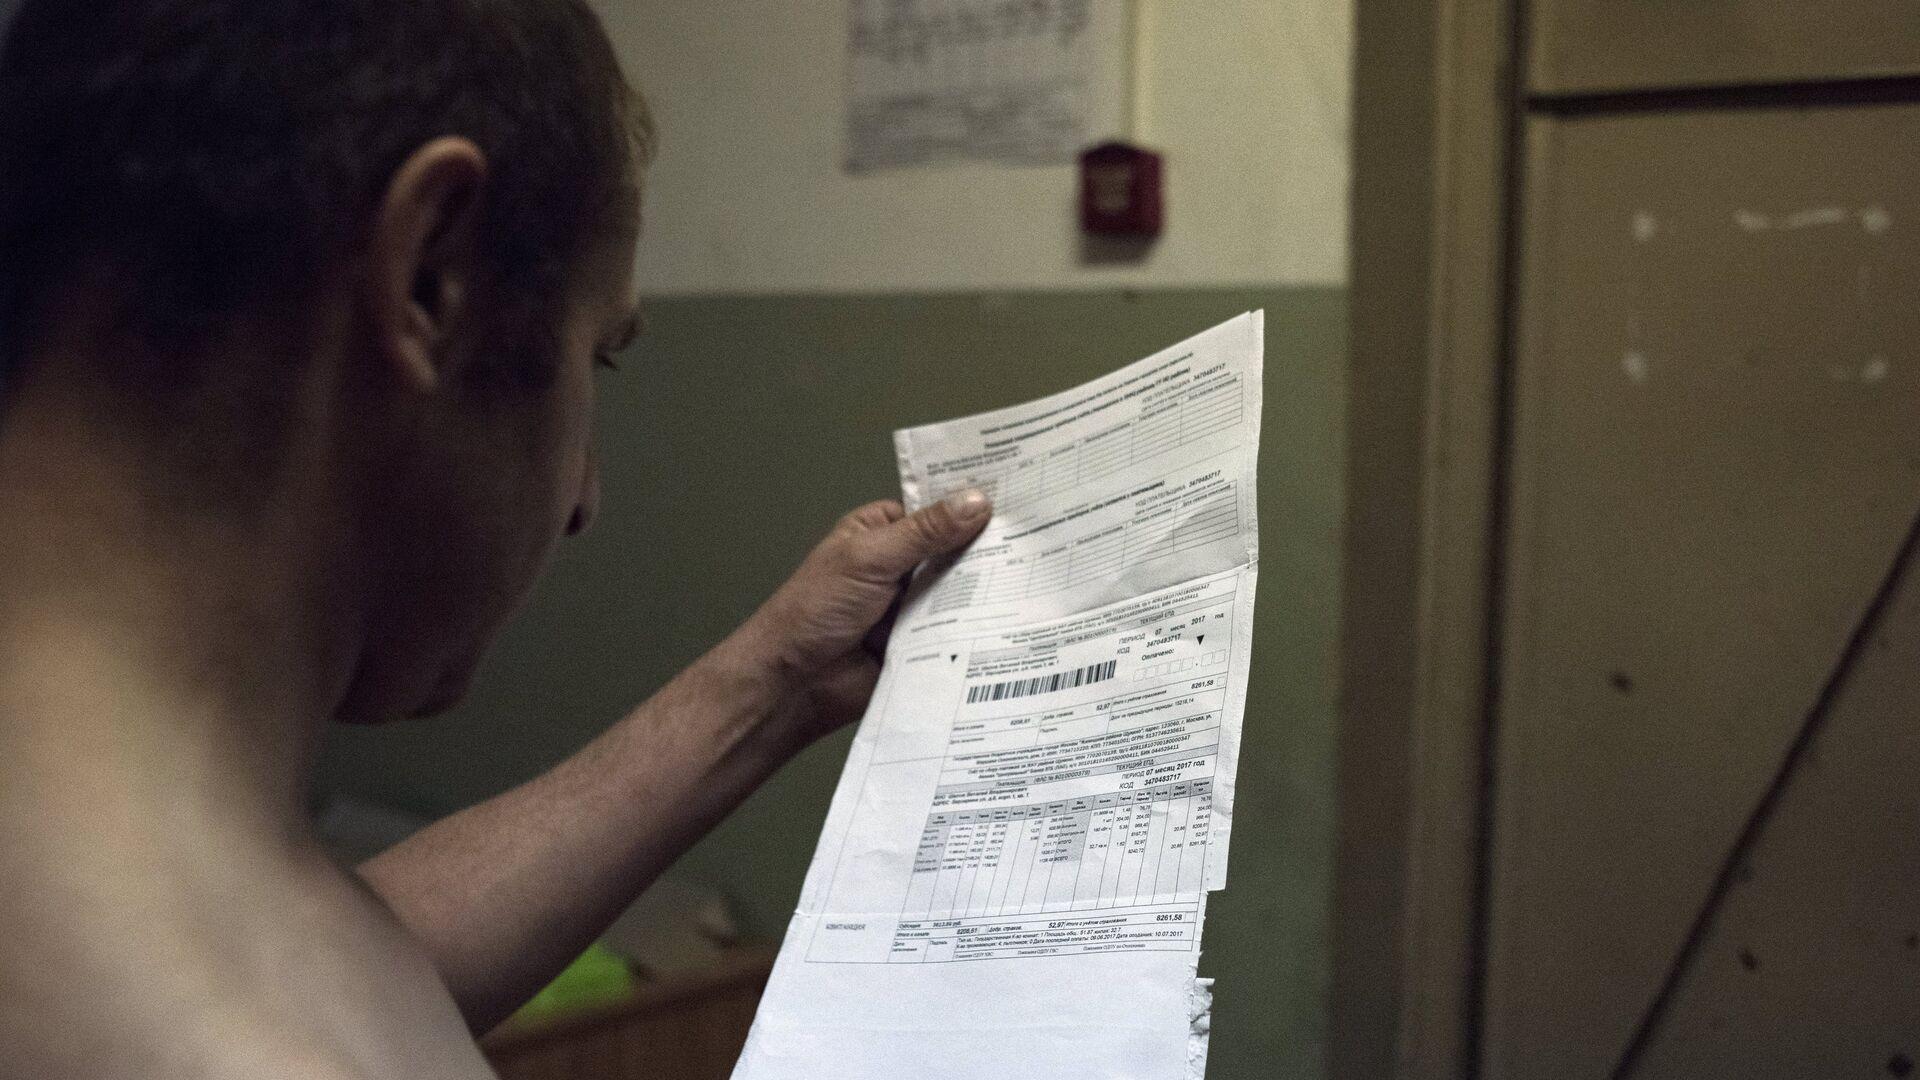 Мужчина держит квитанцию оплаты коммунальных услуг - РИА Новости, 1920, 14.09.2020